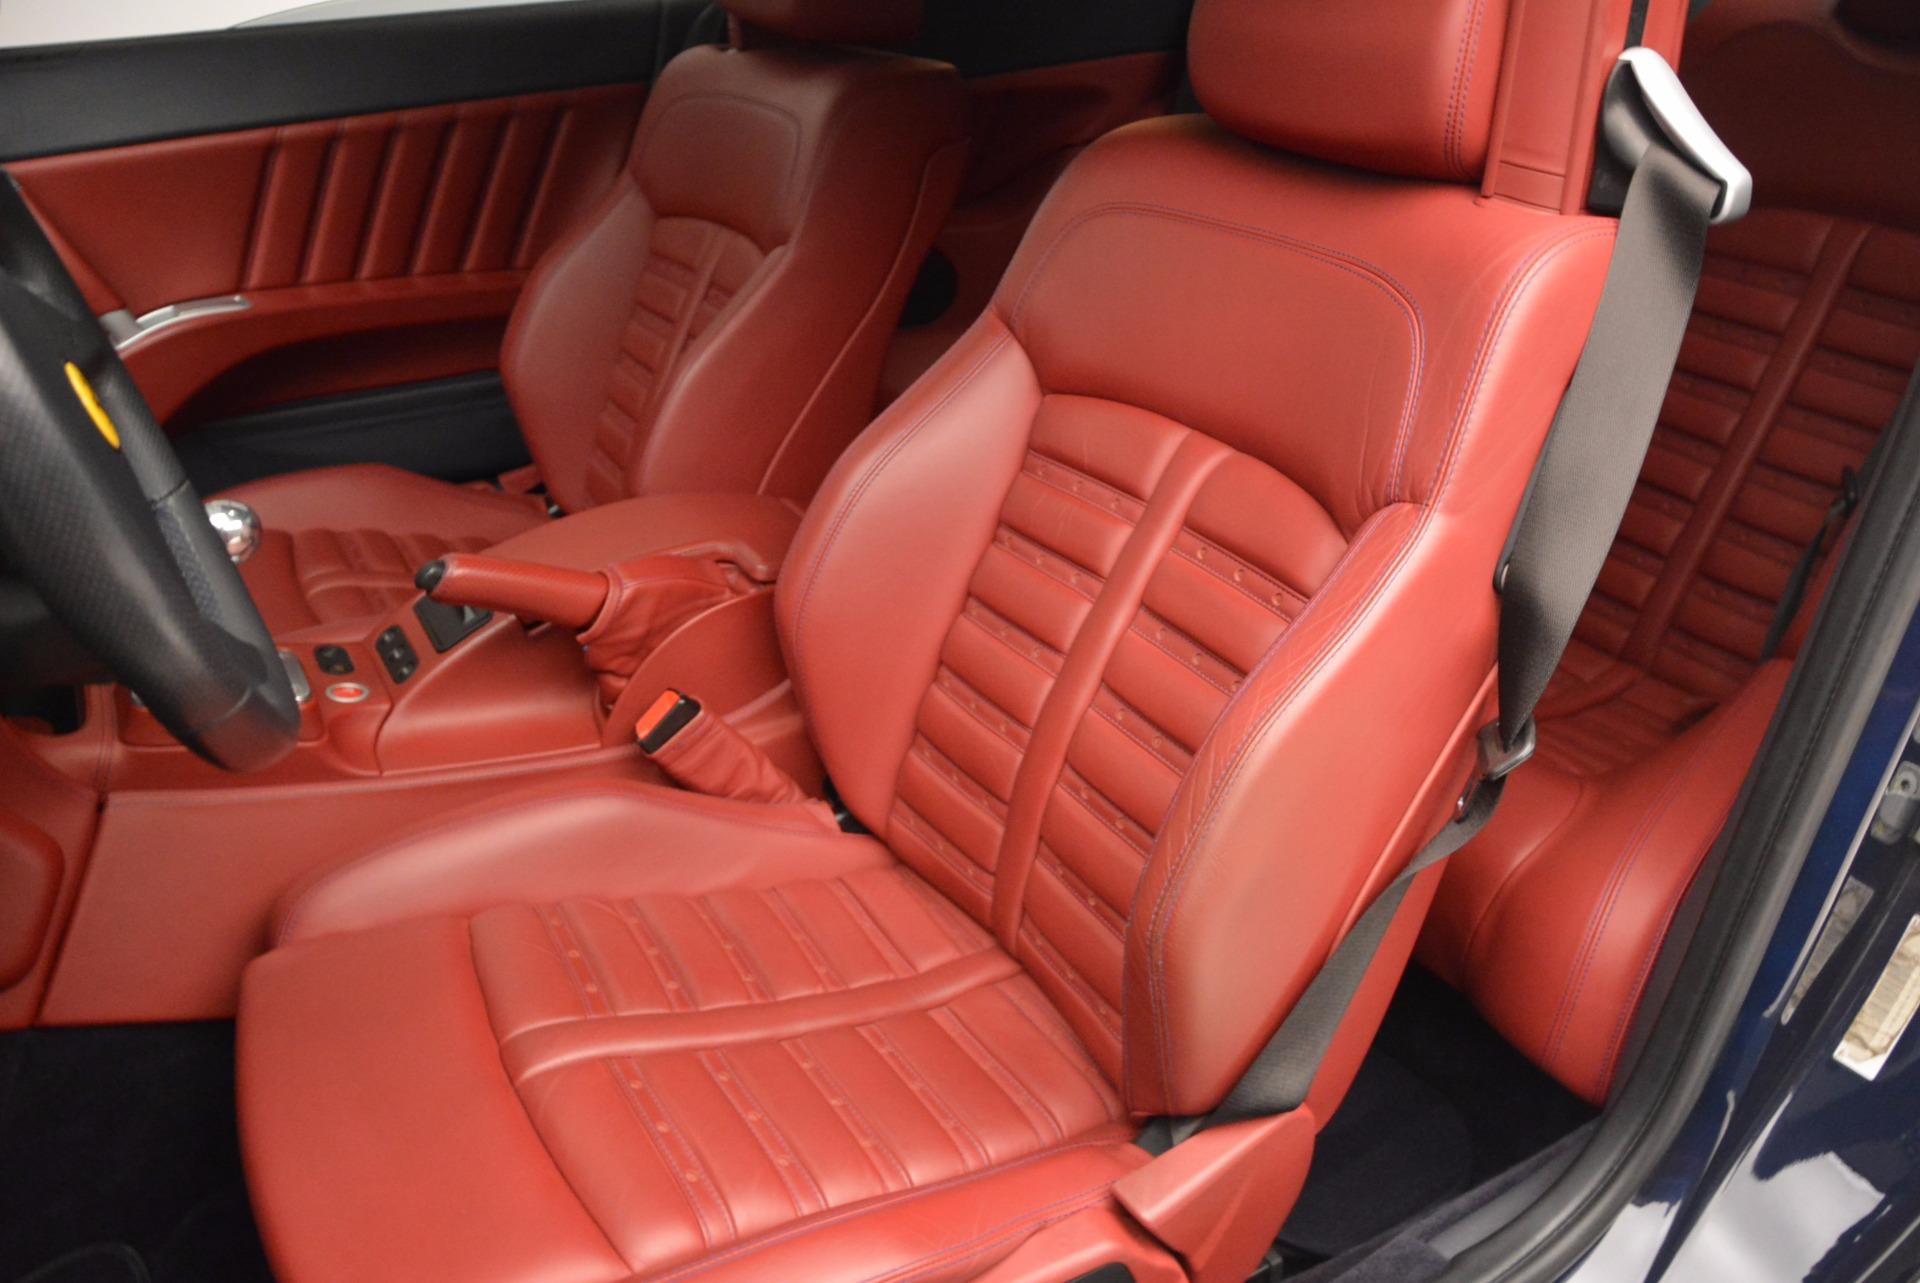 Used 2005 Ferrari 612 Scaglietti 6-Speed Manual For Sale In Greenwich, CT. Alfa Romeo of Greenwich, 4356 854_p15